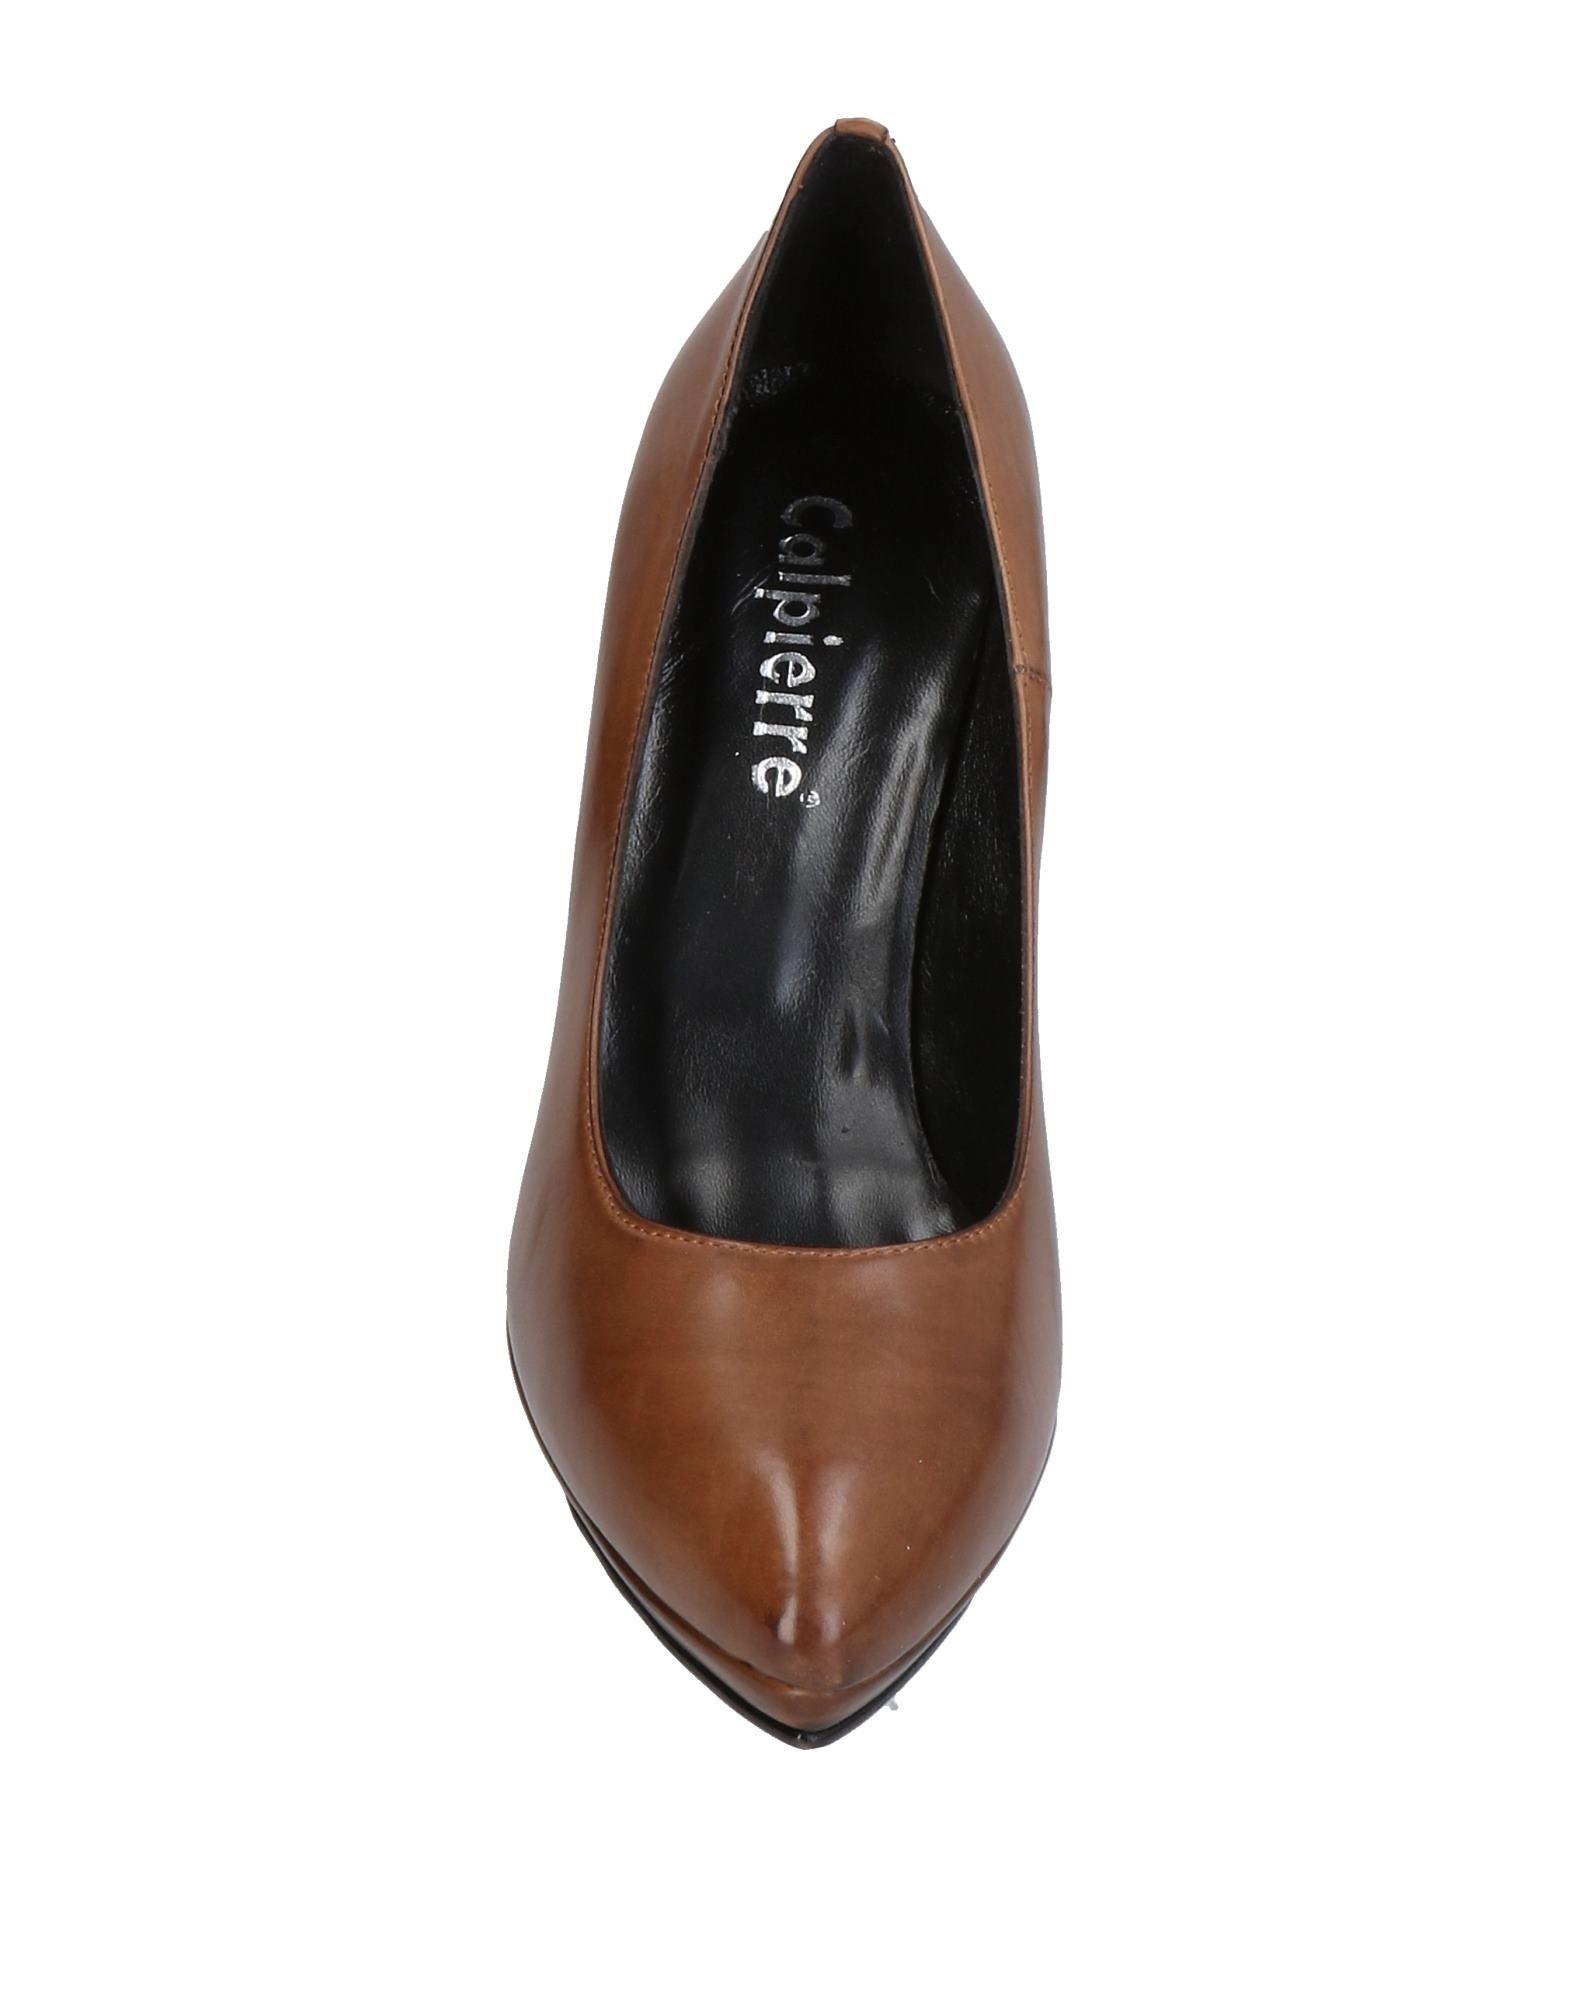 Calpierre Pumps Qualität Damen  11460033KI Gute Qualität Pumps beliebte Schuhe 81e4b3